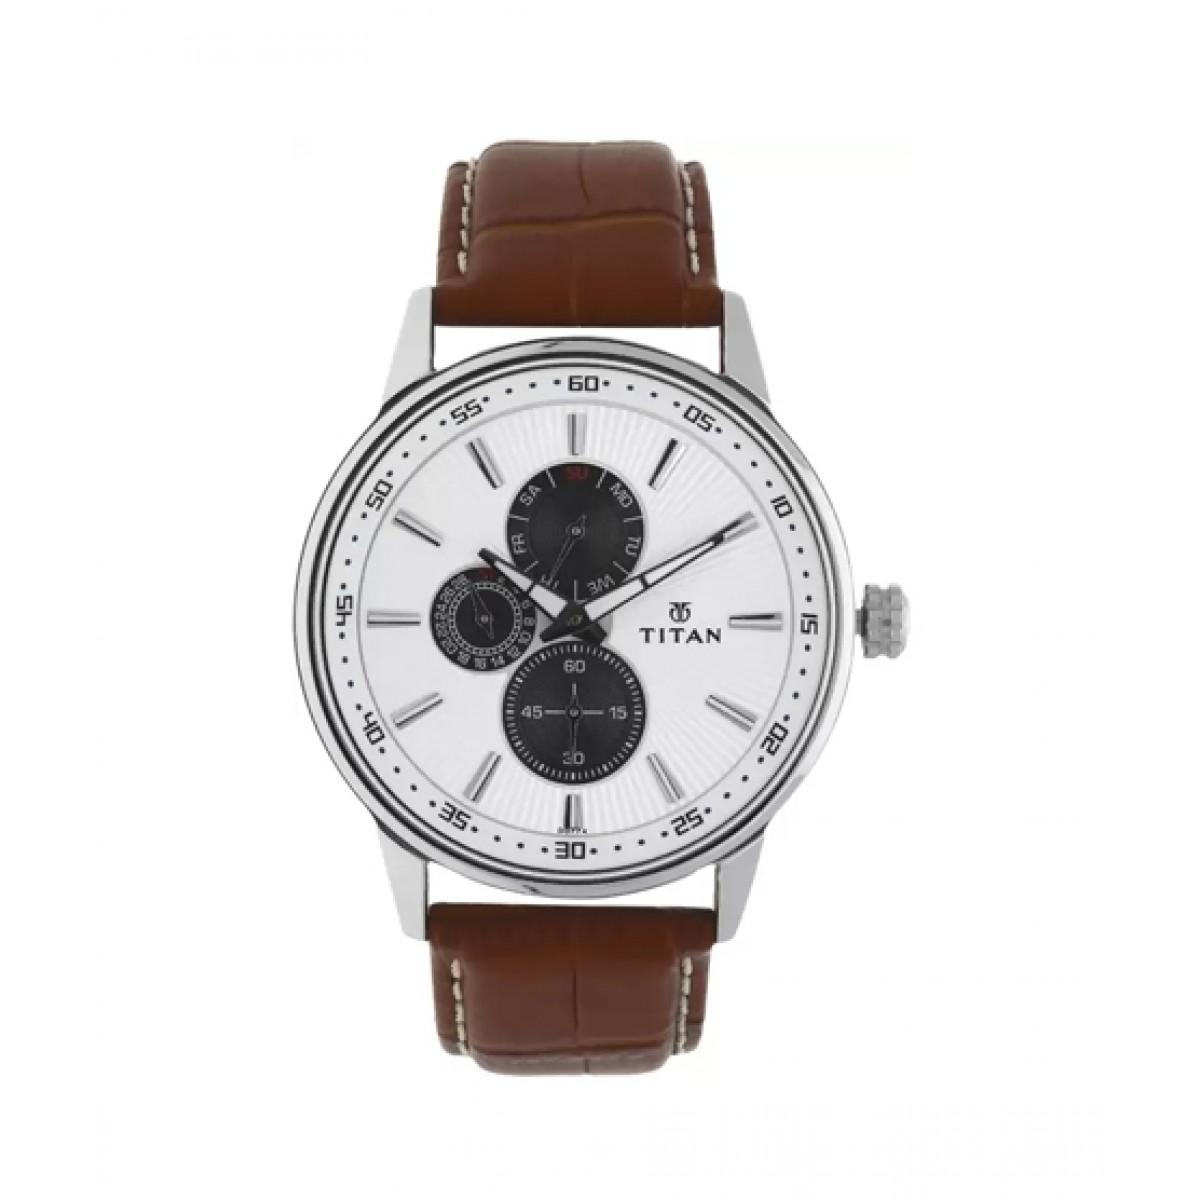 Titan Smart Steel Men's Watch Brown (9441SL01)